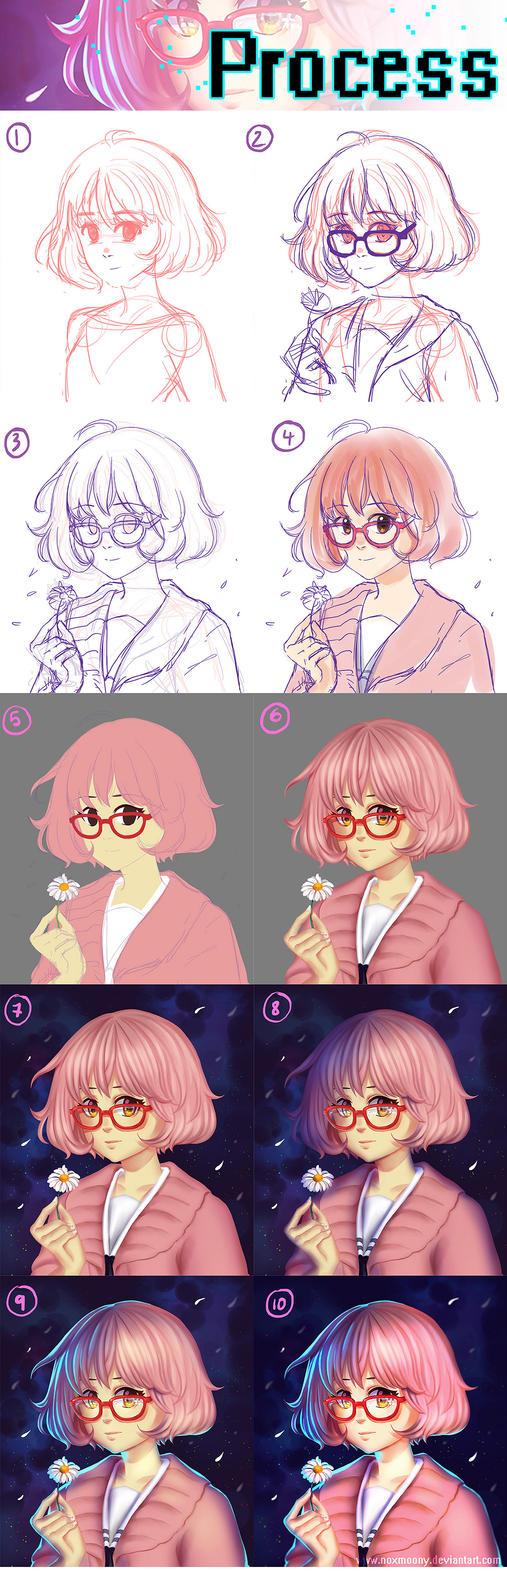 Kuriyama Mirai - Lineless CG Process Steps by Noxmoony